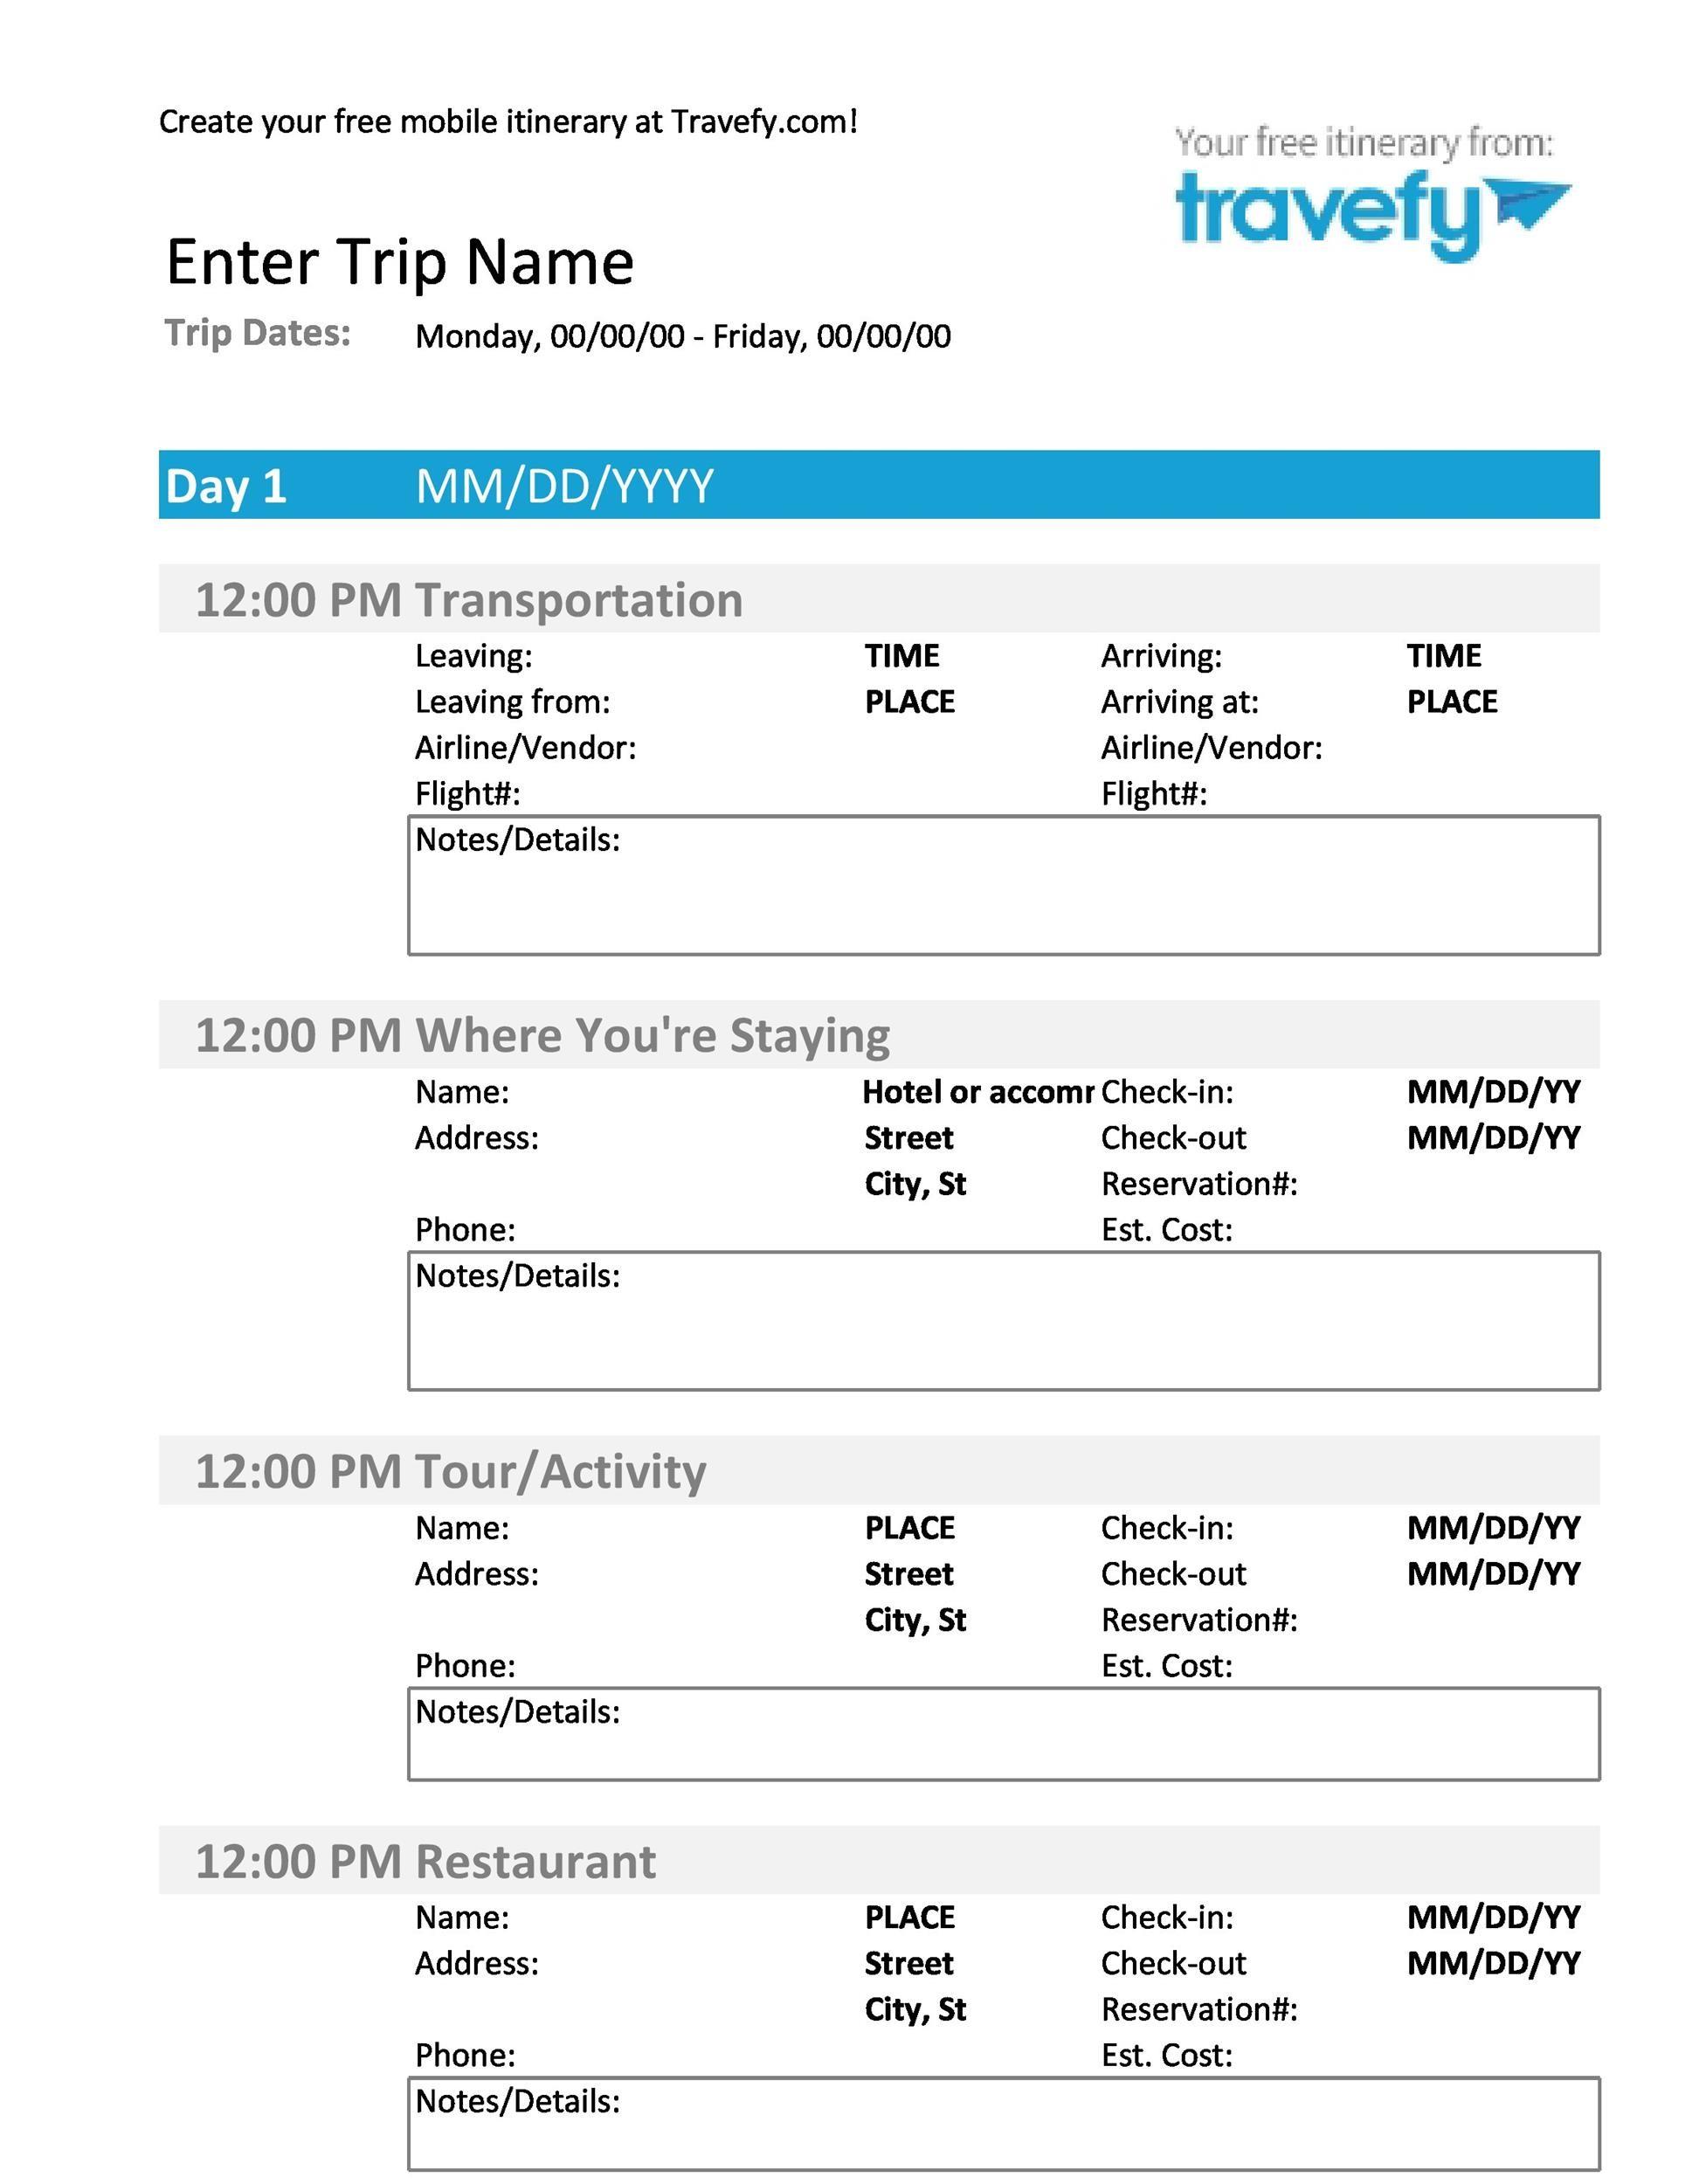 Free Itinerary 02